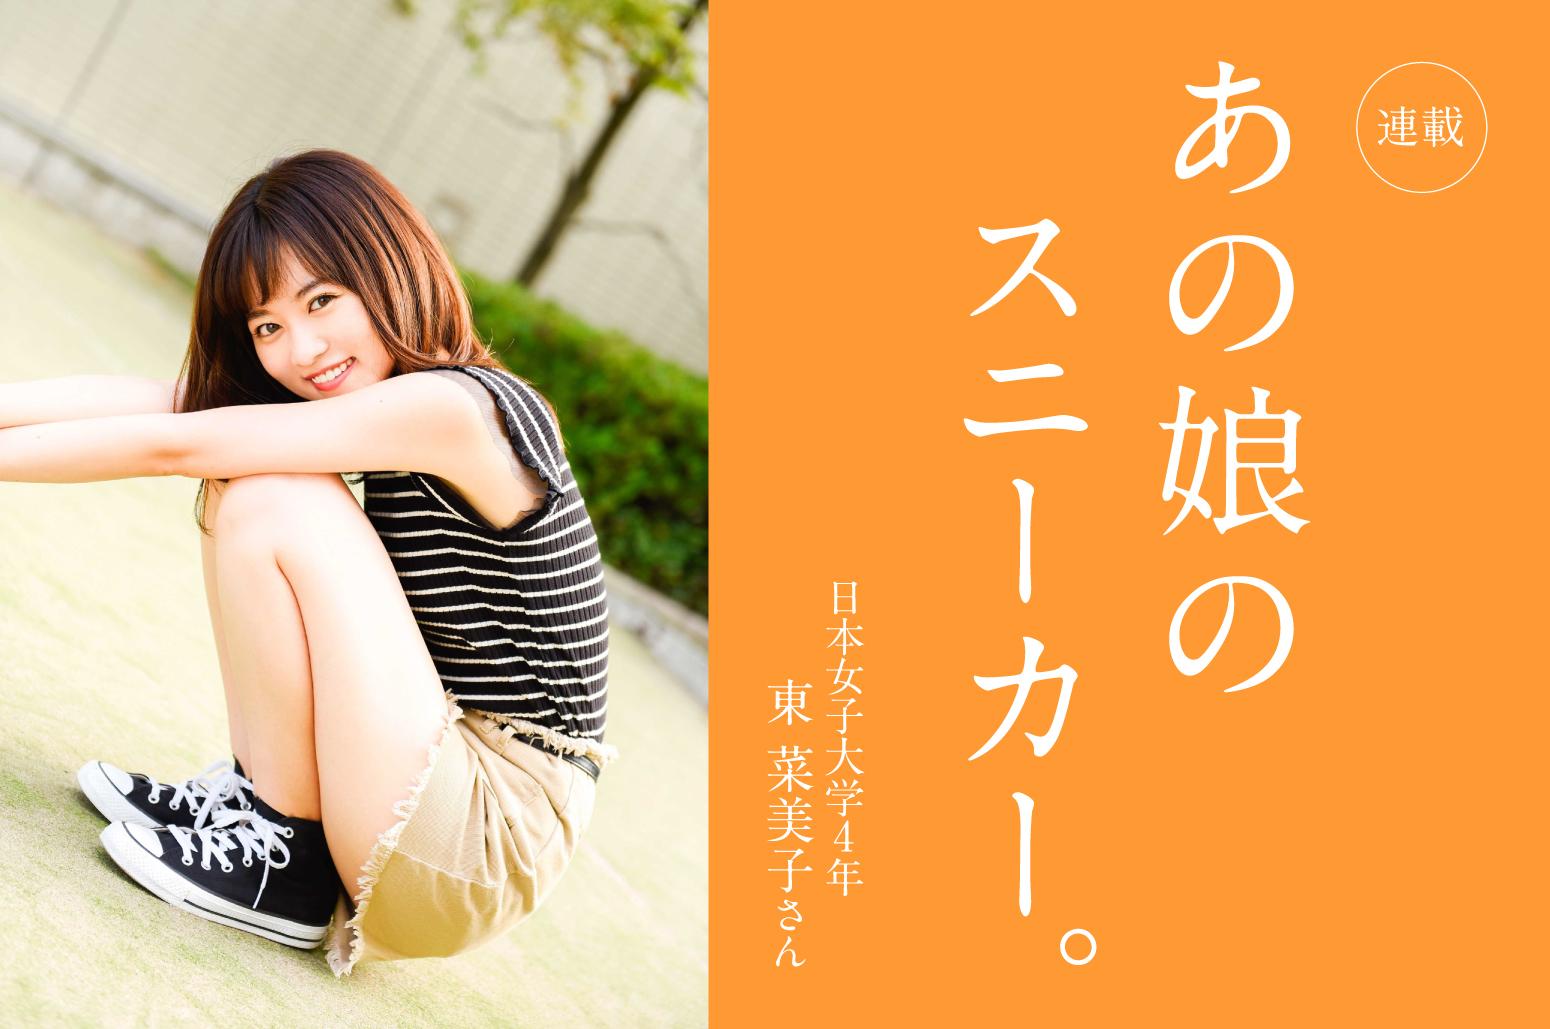 あの娘のスニーカー。 3人目日本女子大学4年 東 菜美子さん